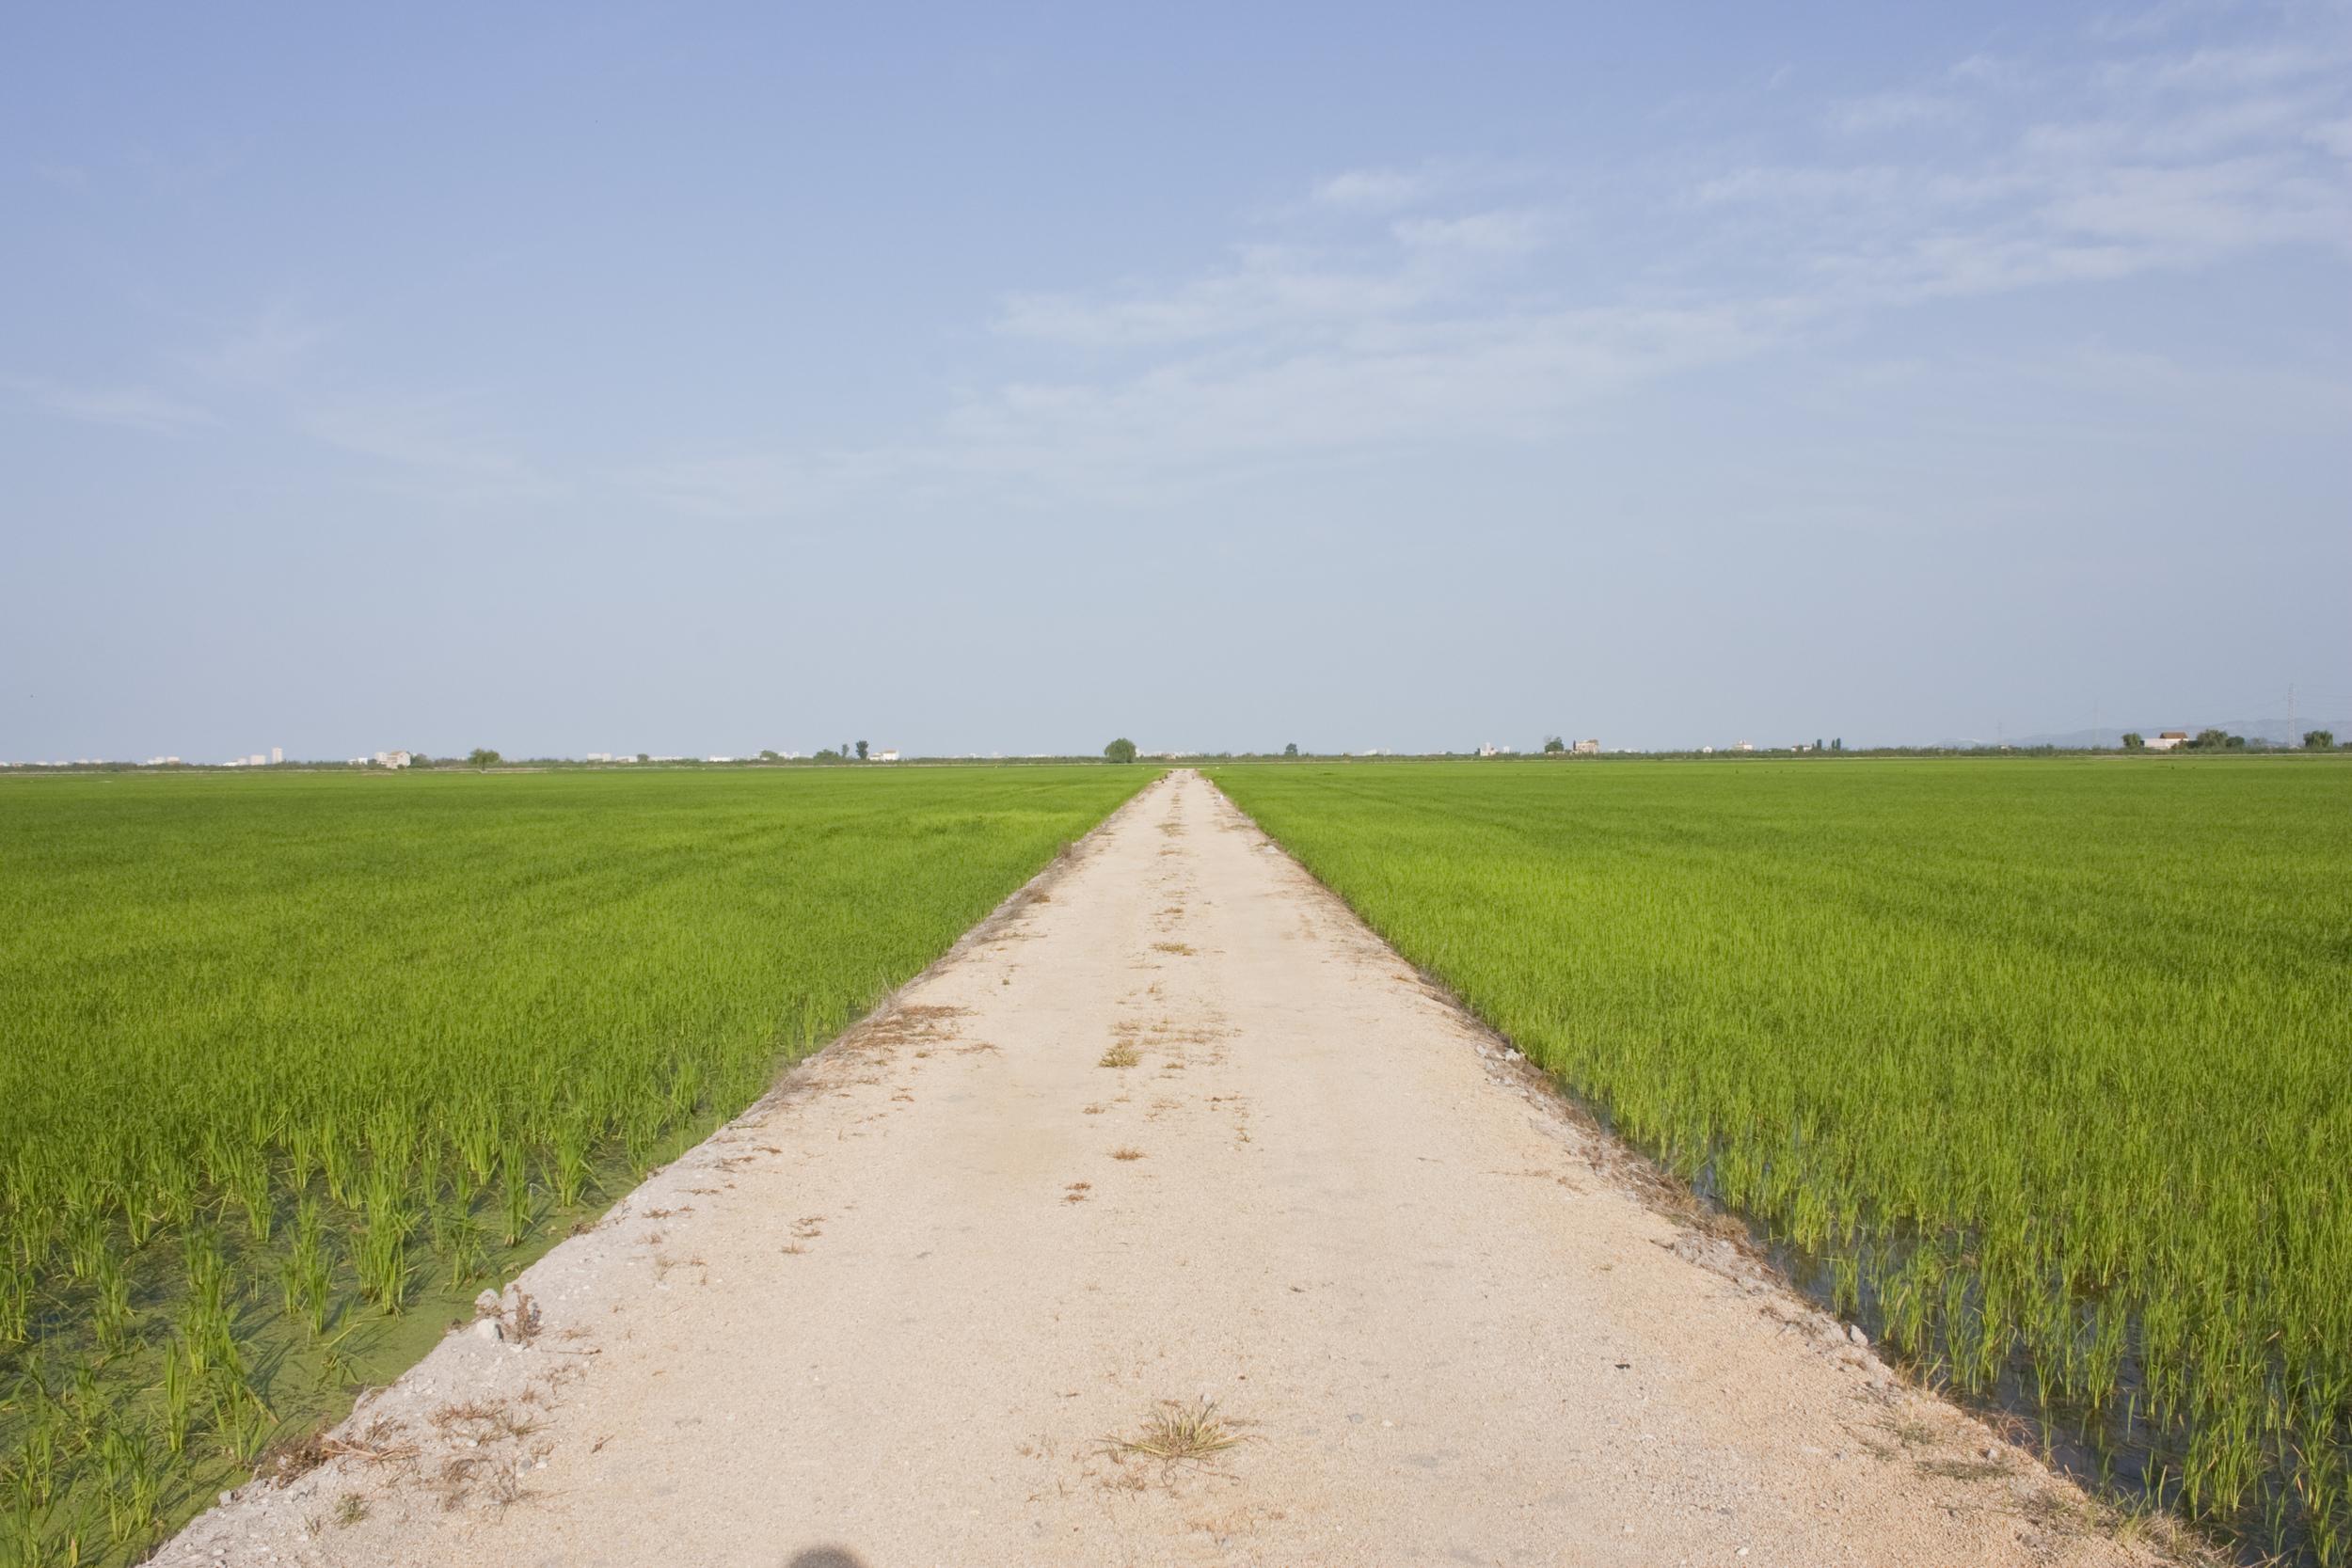 Mucho camino, ¡y muchas ganas de recorrerlo! Foto: Paco Cepas.